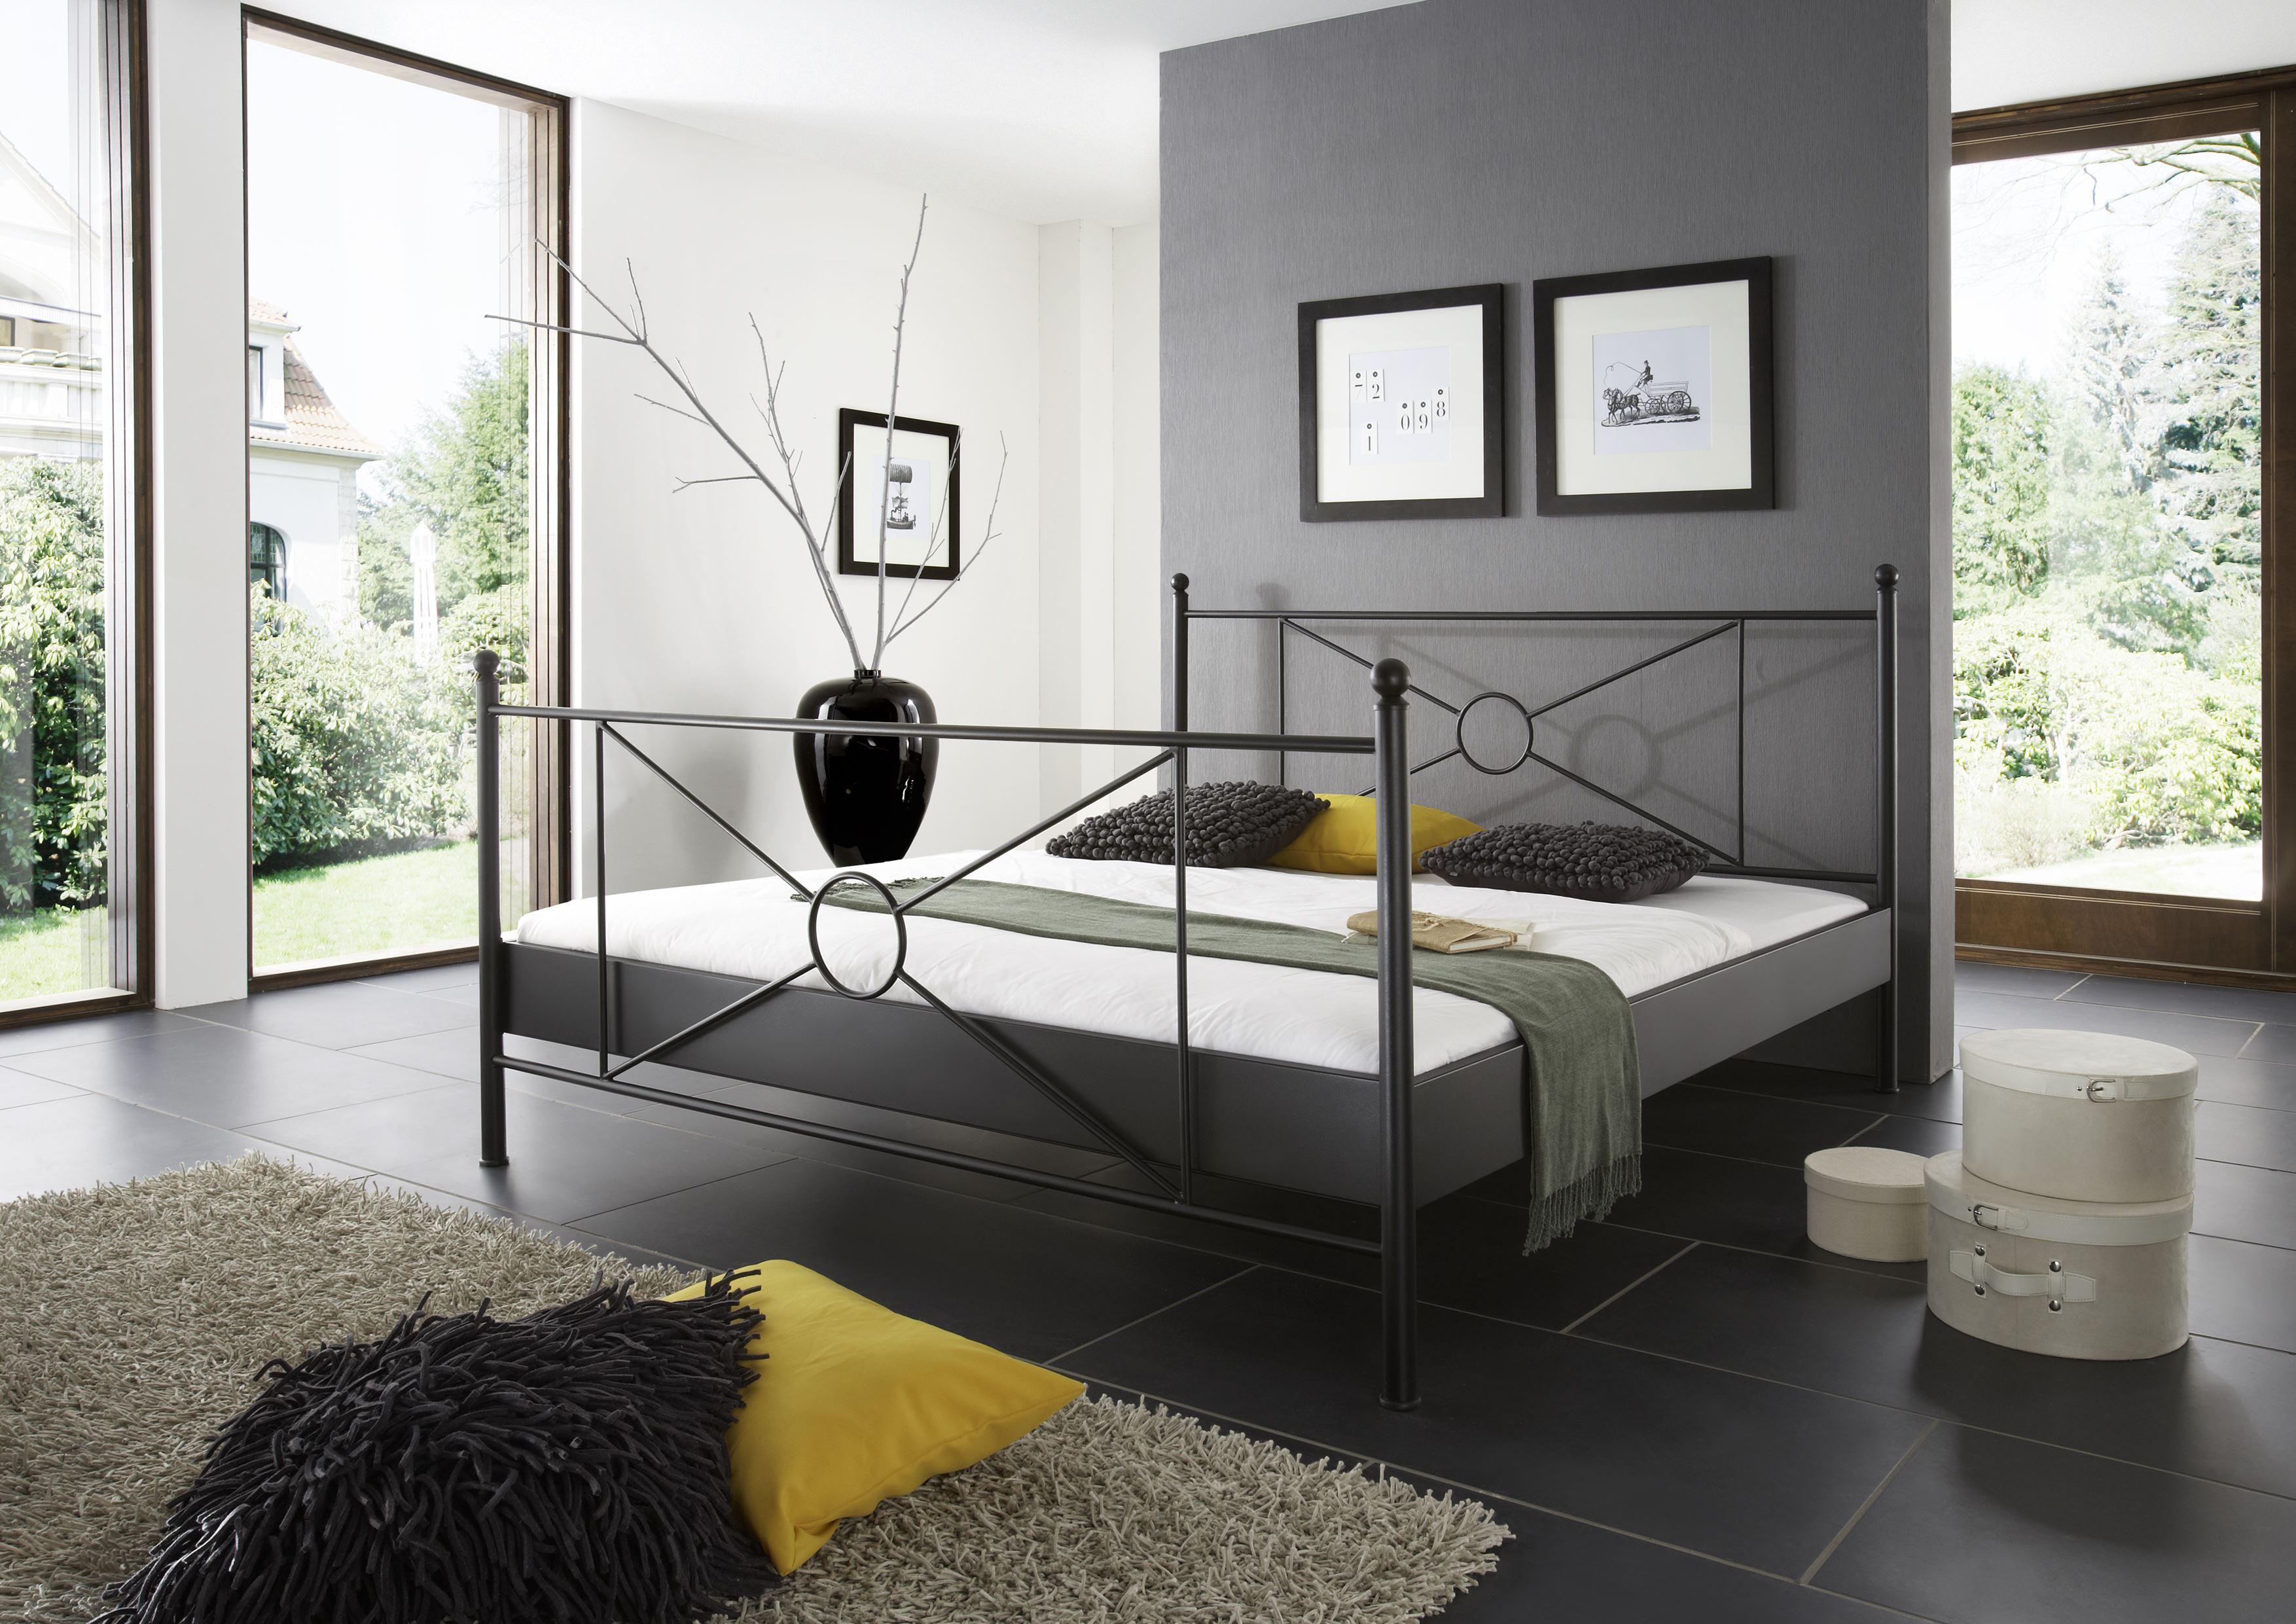 Goedkoop Metalen Bed.Metalen Bed Monza Slaapkamerweb